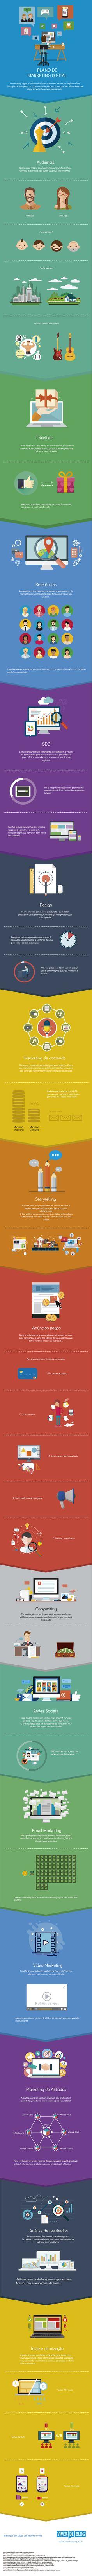 O passo a passo para desenvolver uma estratégia de marketing digital vencedora e iniciar sua trajetória de sucesso online